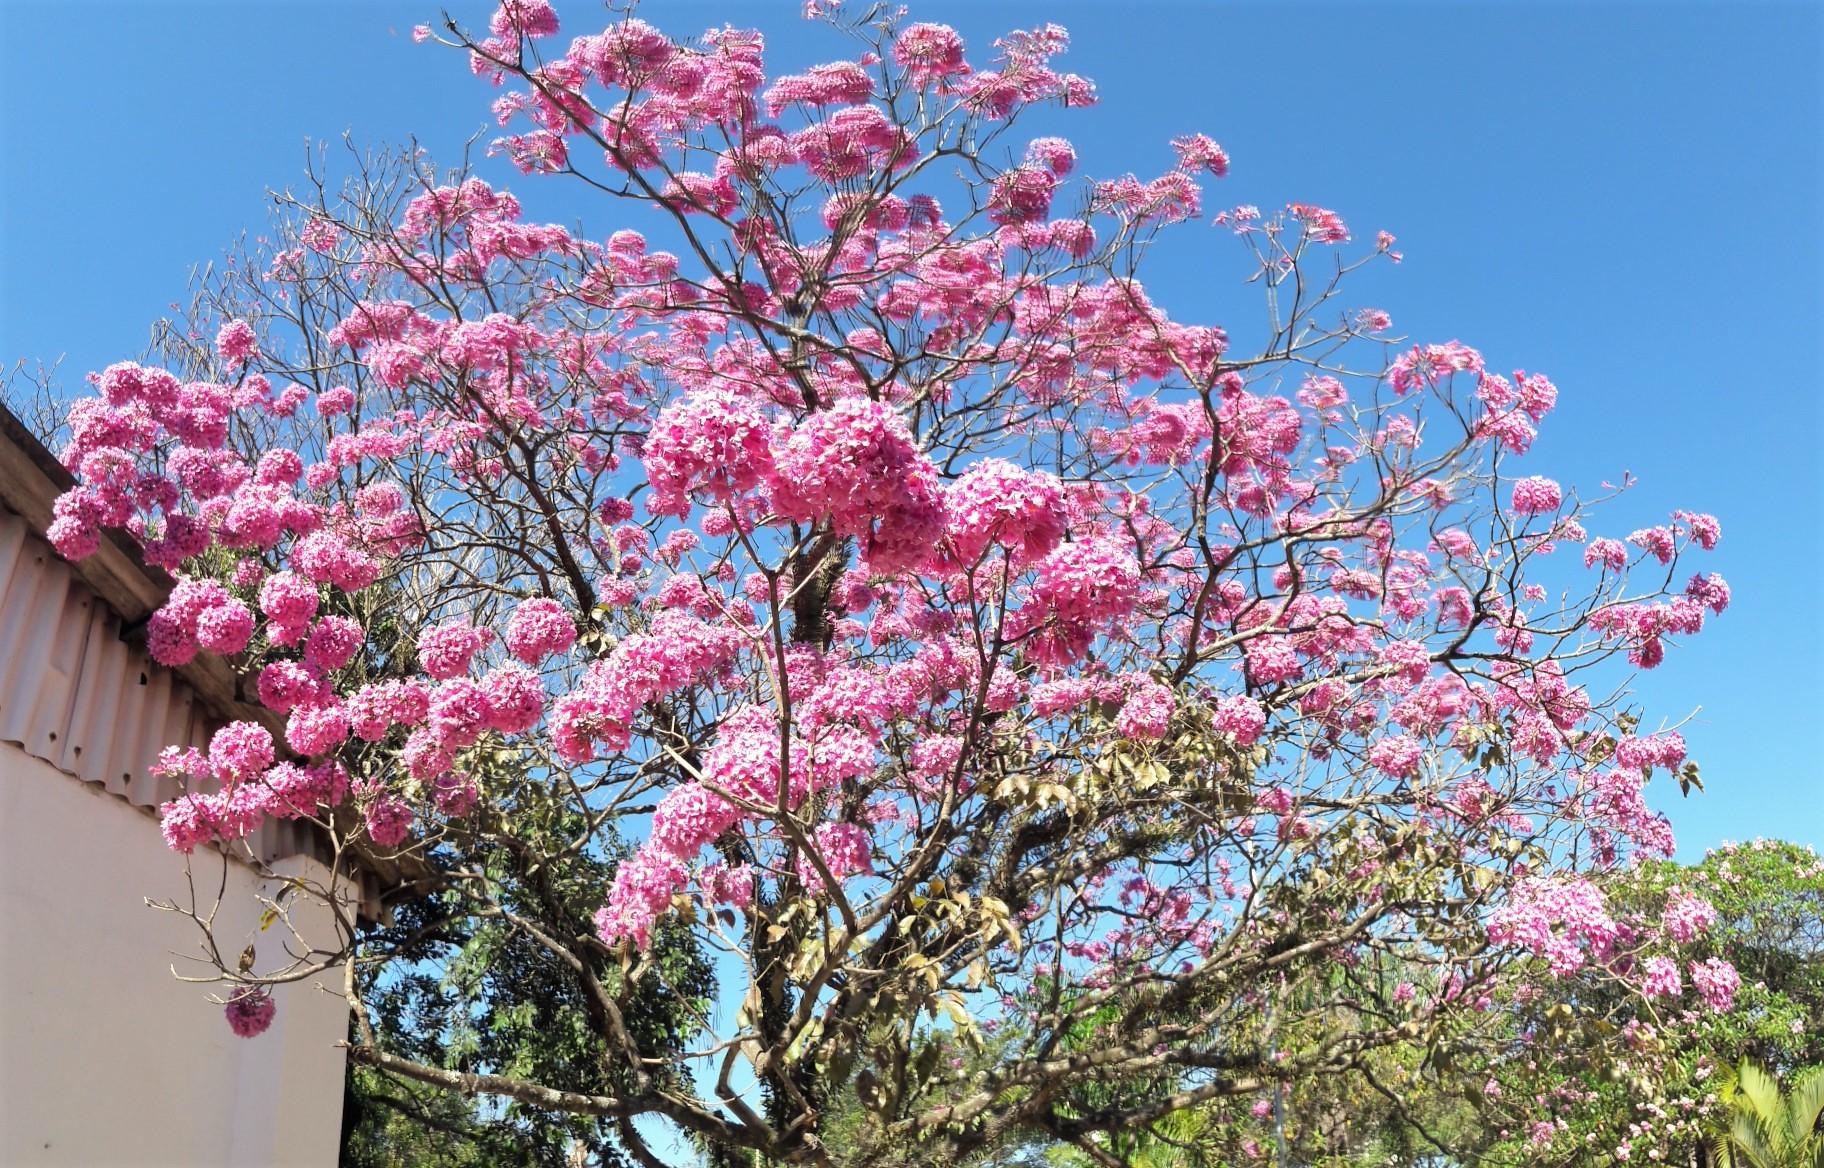 El lapacho rosado es un árbol tropical que florece en primavera